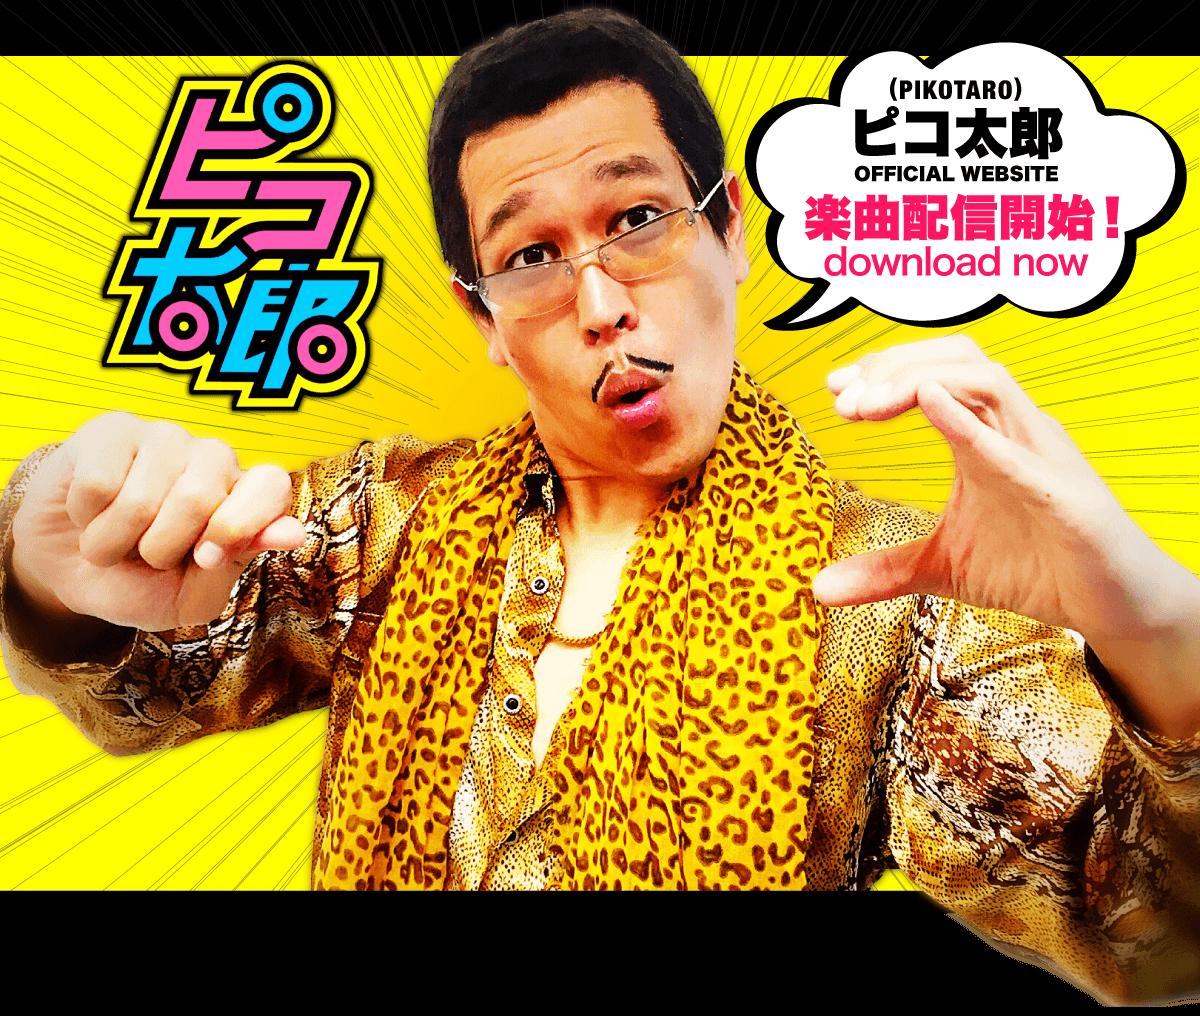 ピコ 太郎 動画